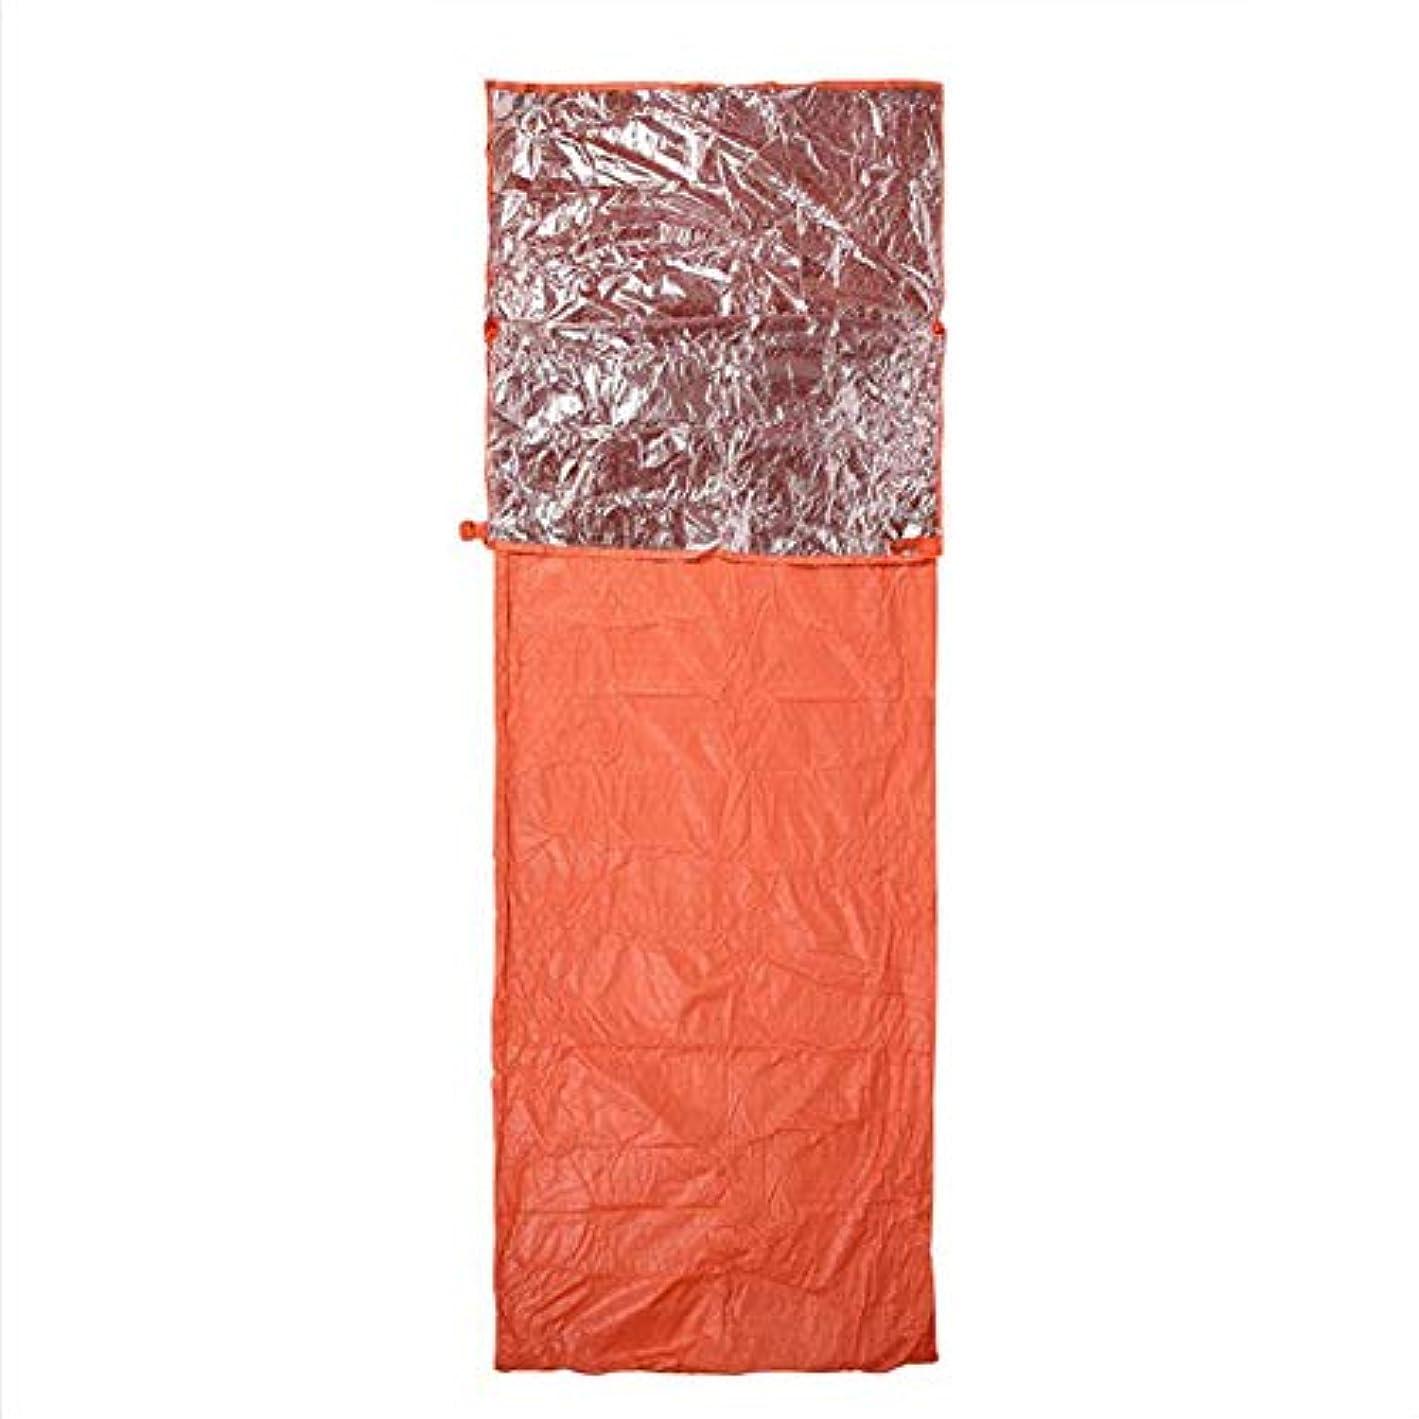 十二聴覚連続的LGFV-屋外熱寝袋シングル封筒寝袋断熱ブランケット断熱寝袋バックパッキングとハイキング